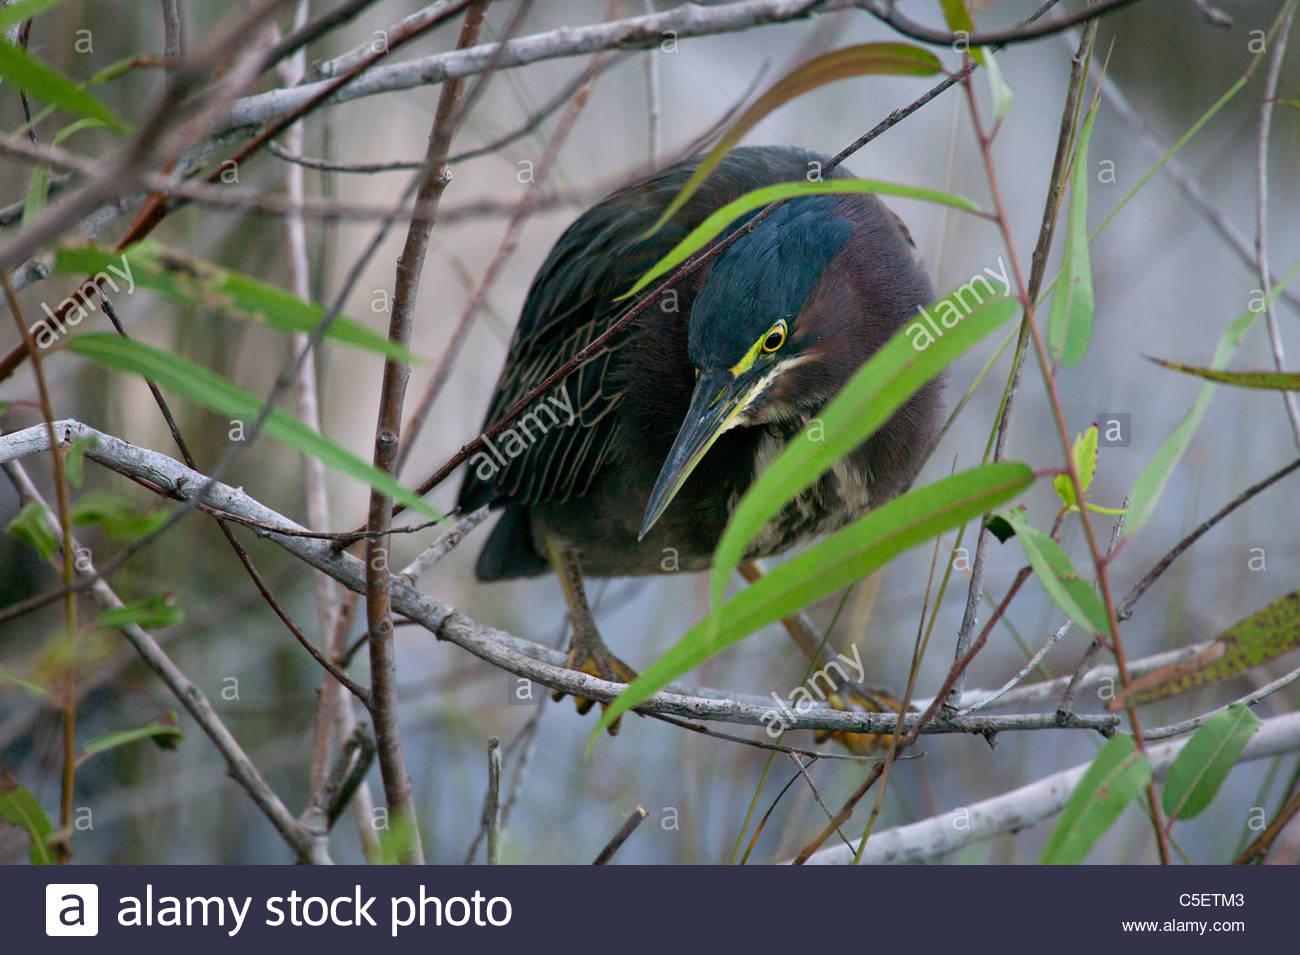 Ein grüner Reiher (Butorides Virescens) jagt von einem kleinen Zweig über flachem Wasser in die Everglades. Stockbild